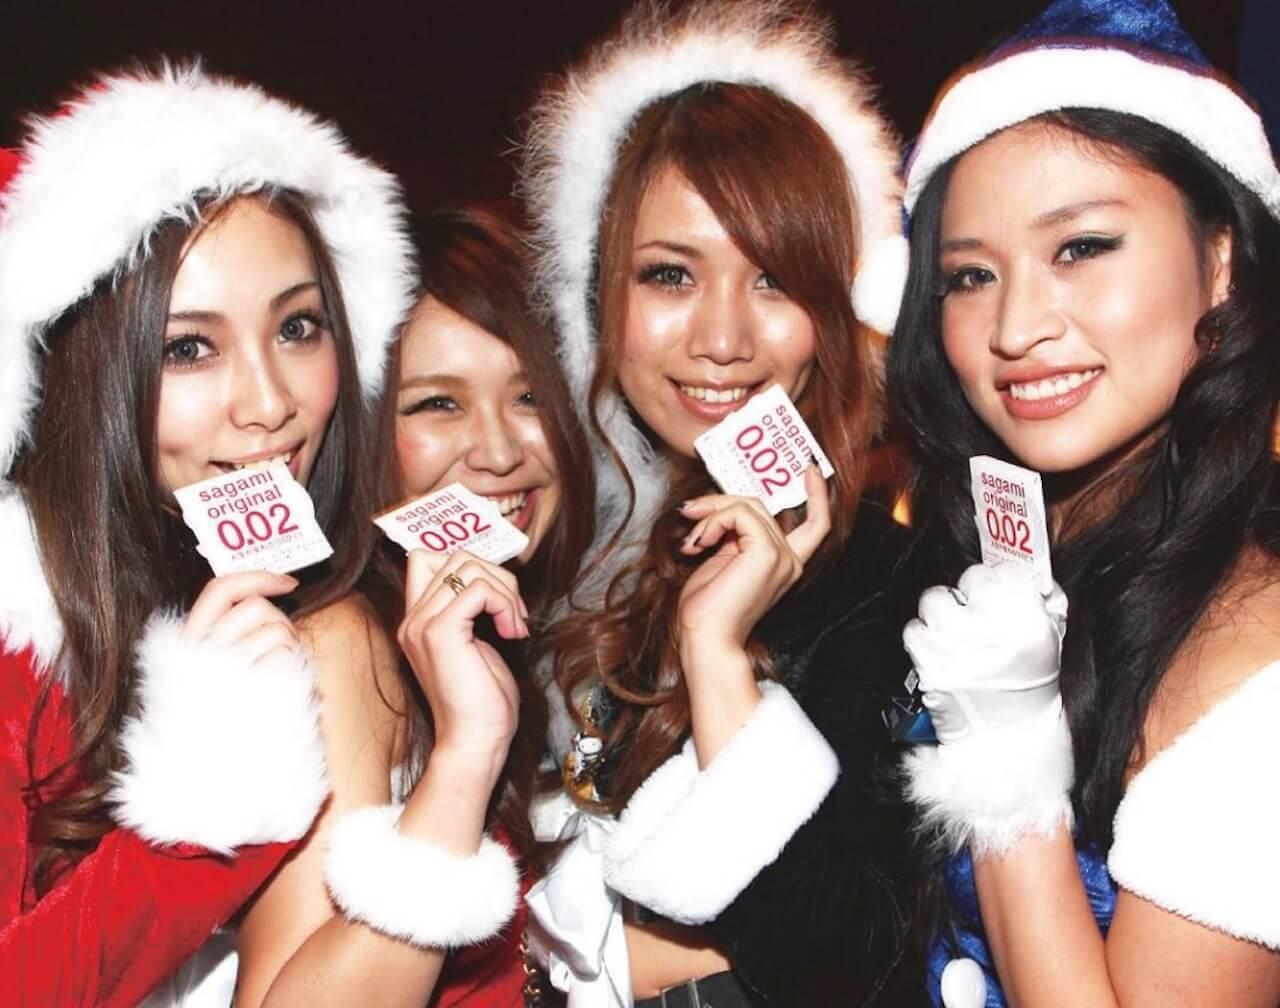 25周年!女性無料のクリスマスイベント sagami original presents<SABISHINBO NIGHT 2019>に、りんごちゃん、般若、Buddha Brandが登場 music191219_sabishinbo2019_10